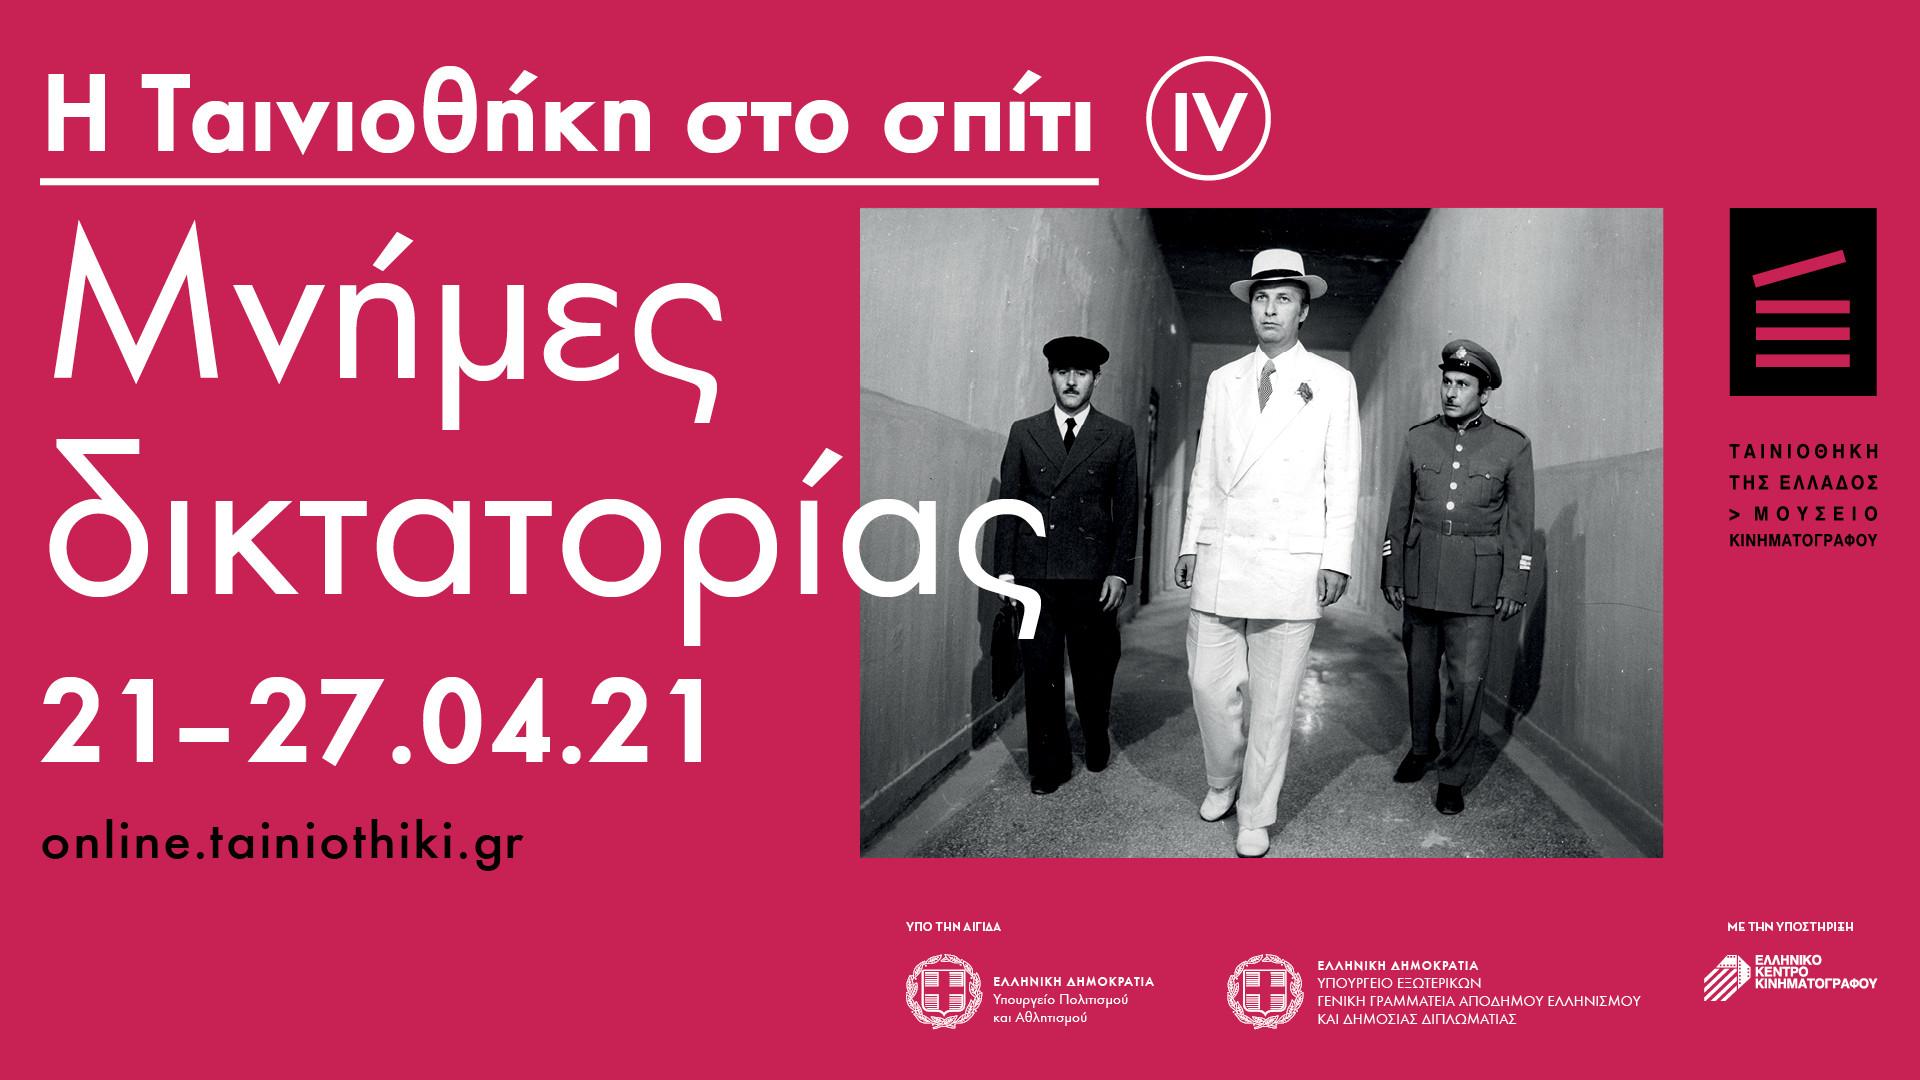 Η Ταινιοθήκη στο σπίτι IV: Μνήμες δικτατορίας